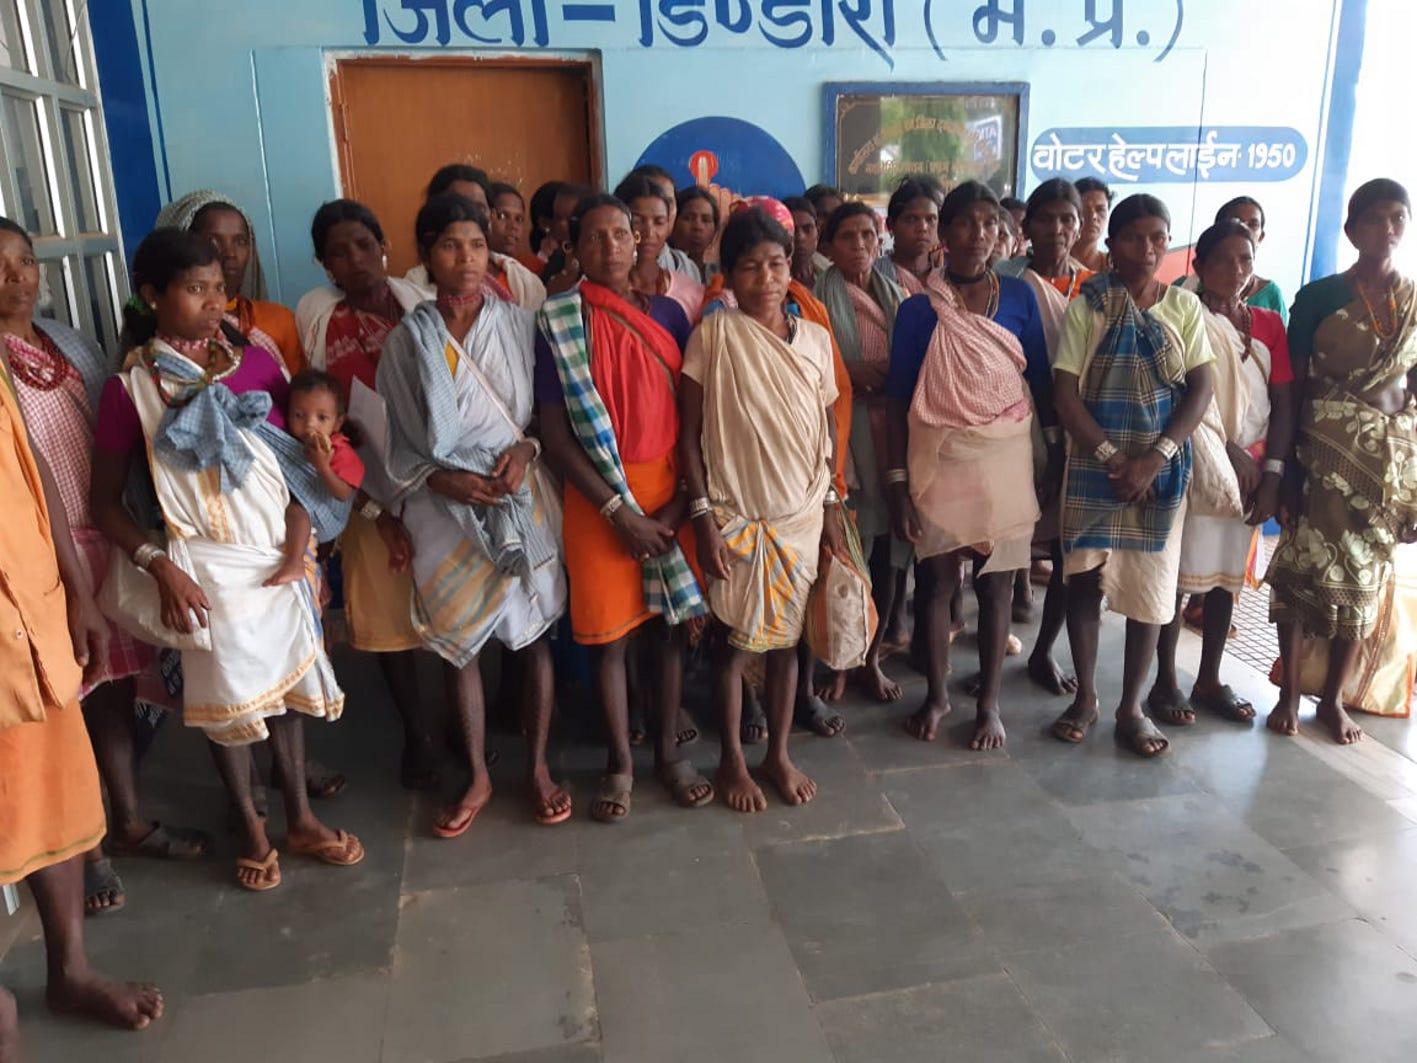 बैगा महिलाओं ने समस्याओं के निदान के लिये लगाई गुहार